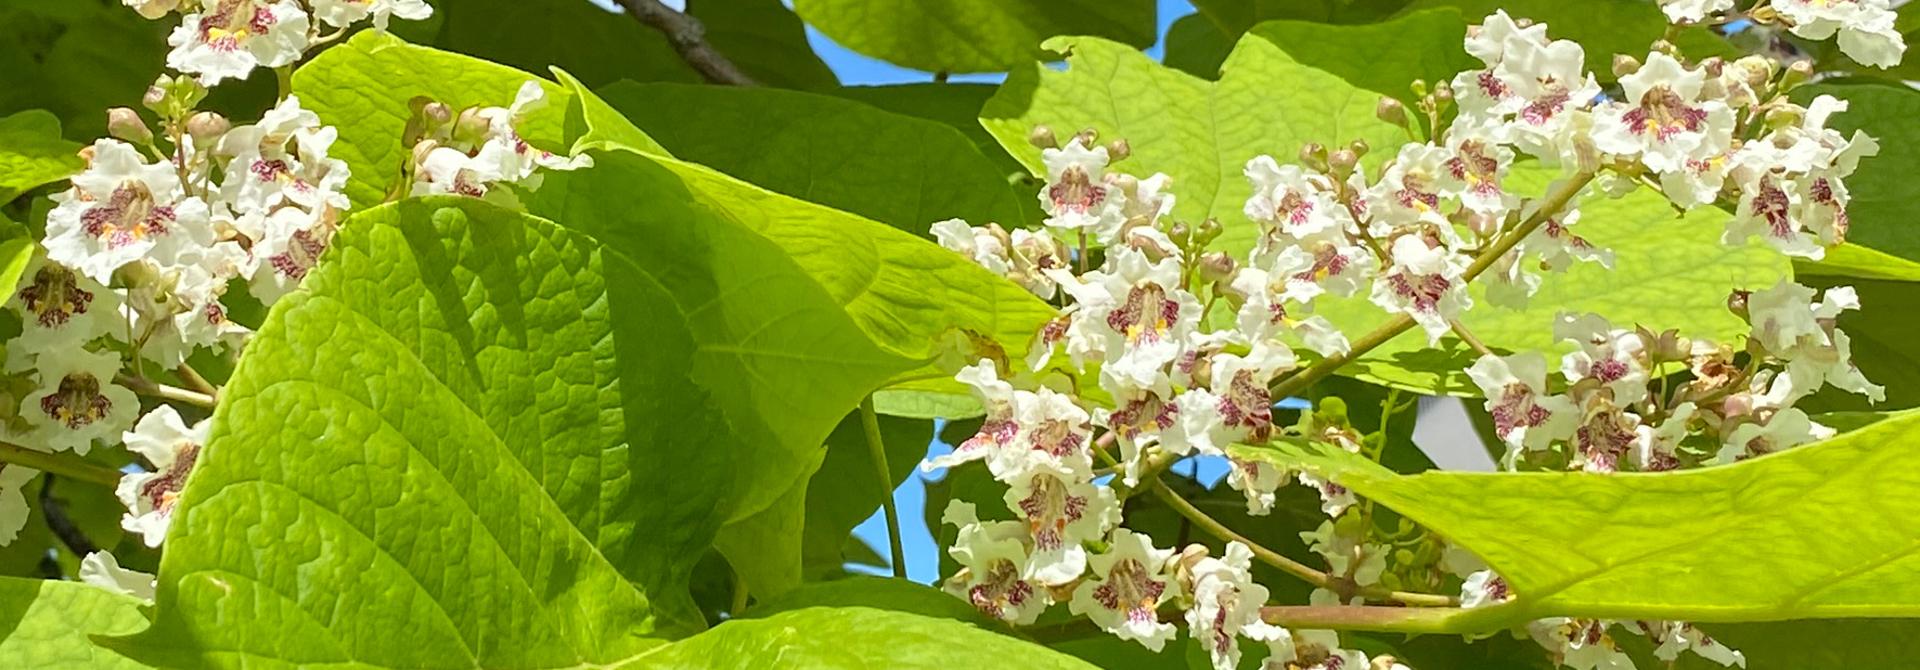 Der Gewu00f6hnliche Trompetenbaum blu00fcht von Juni bis in den Juli. Die auffallenden Blu00fctenrispen sind bereits von Weitem zu sehen.>